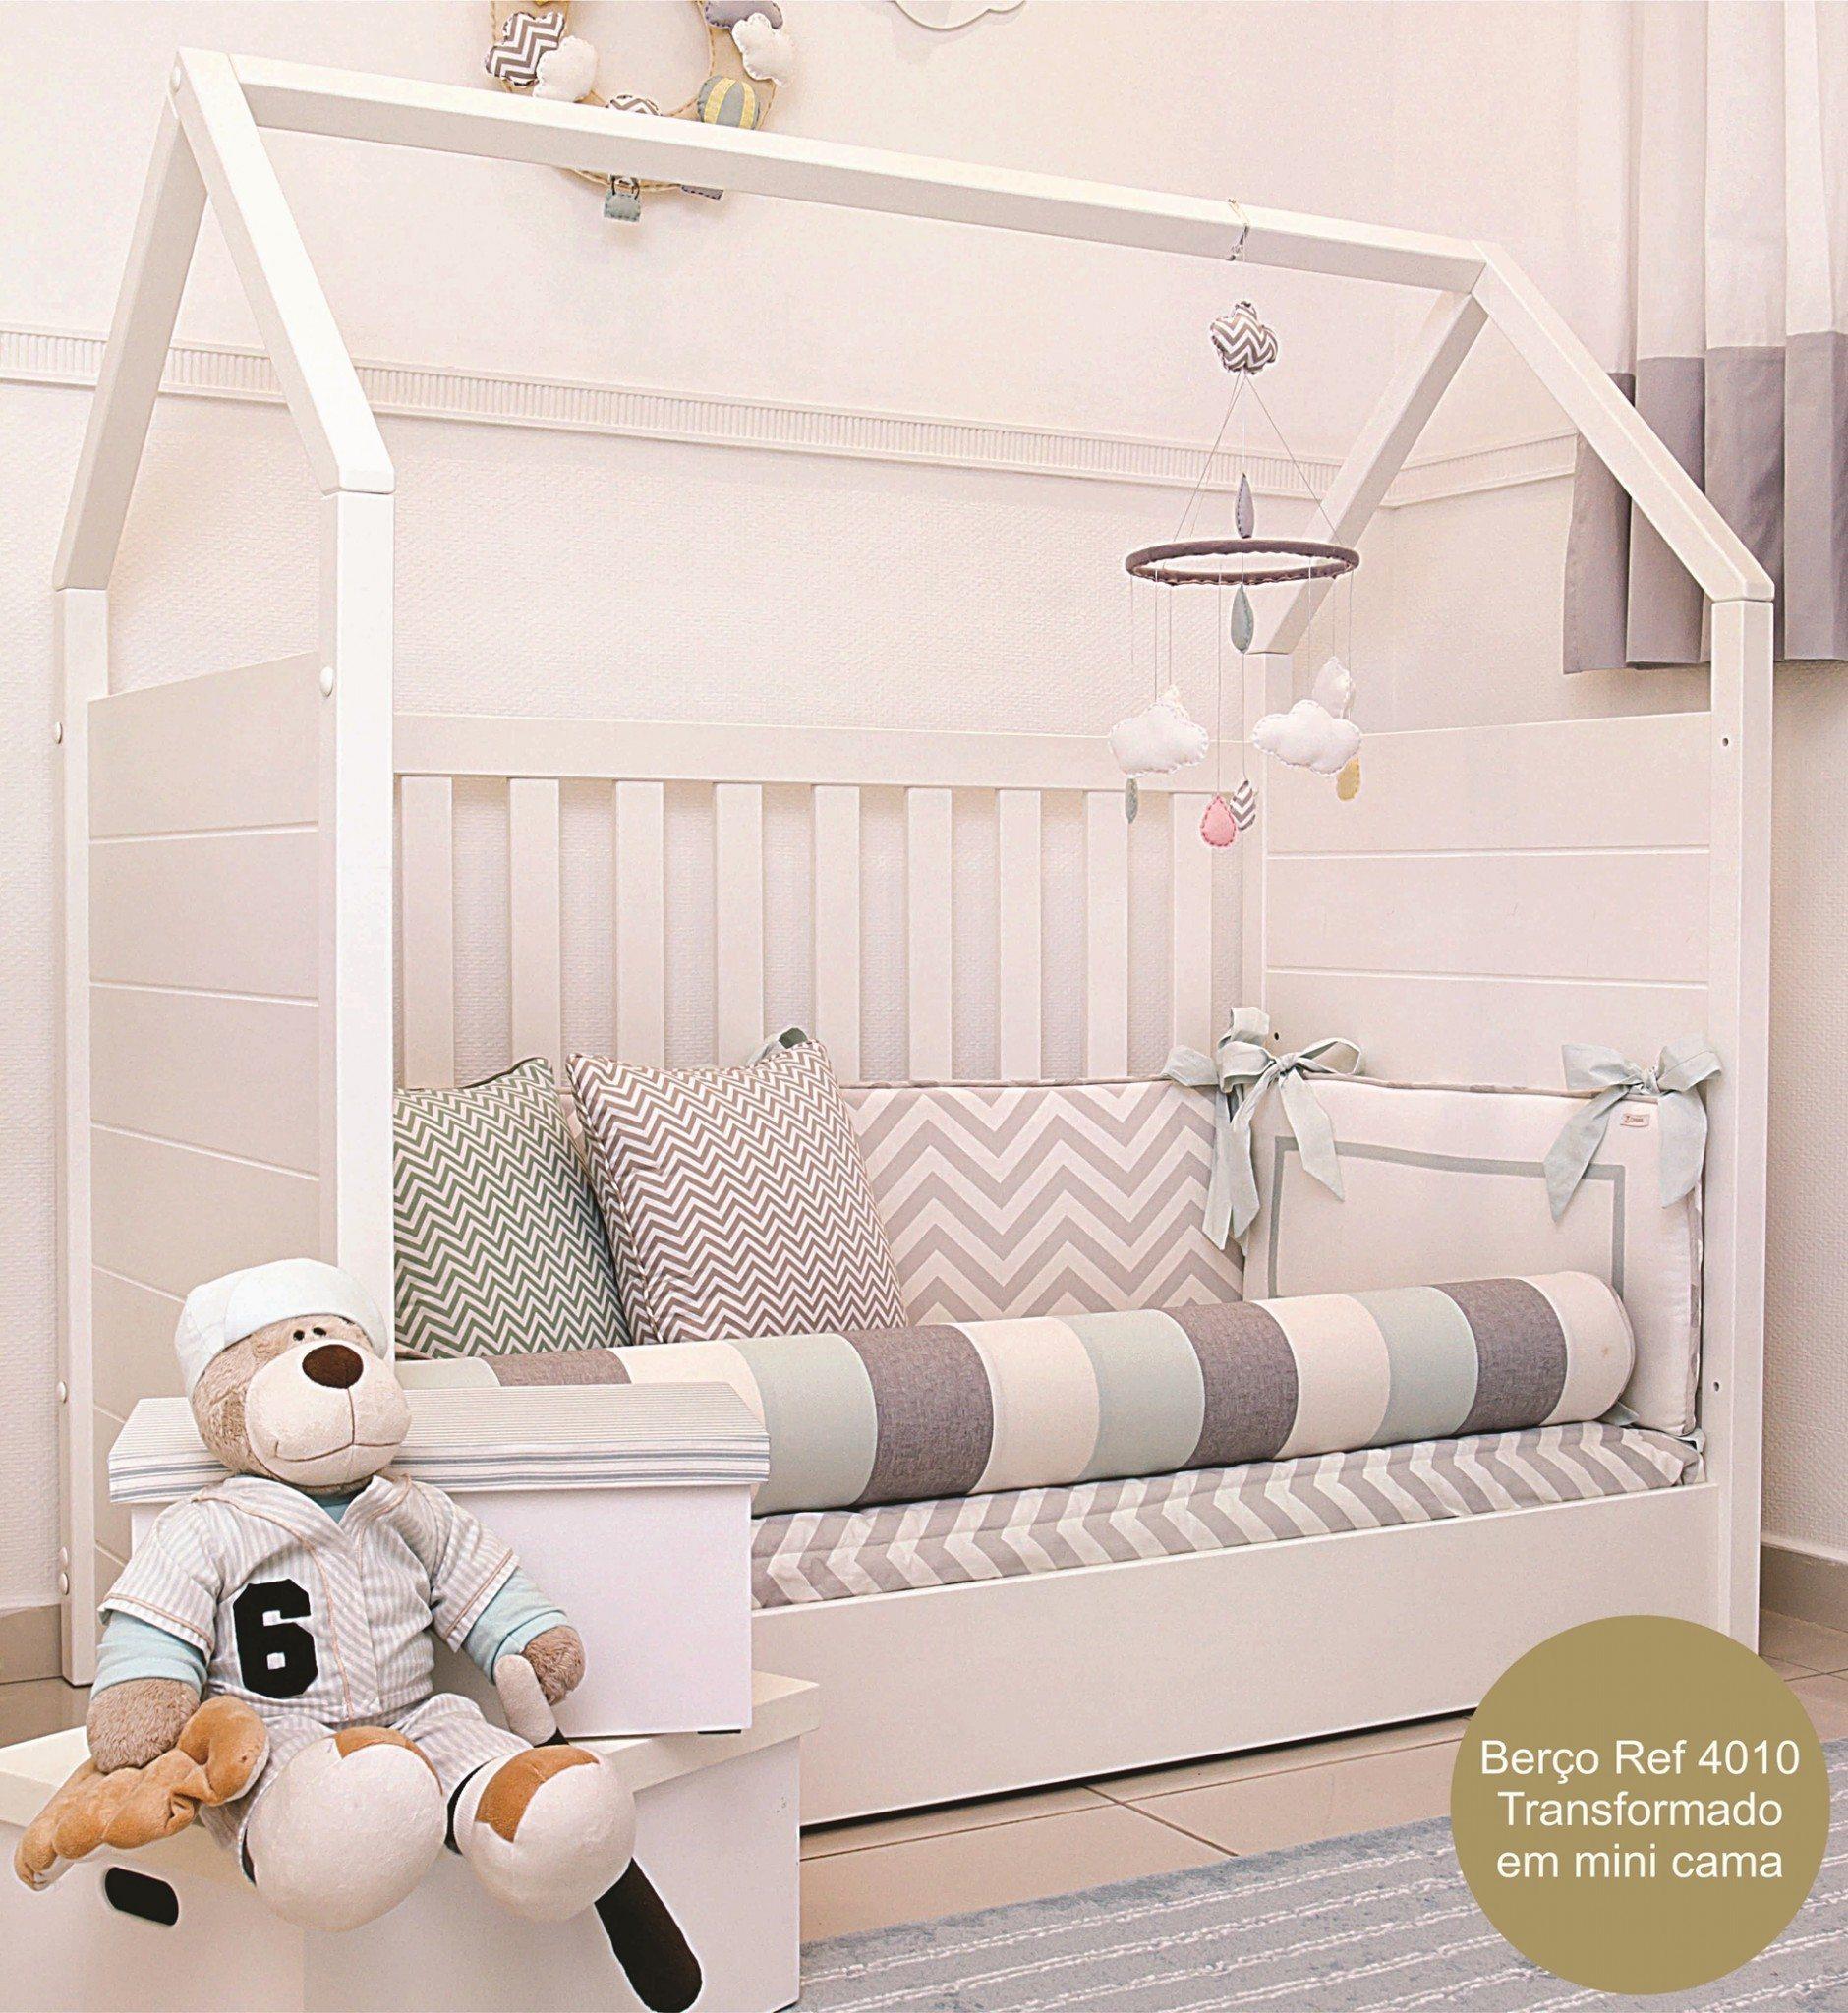 Bedroom Bed Online